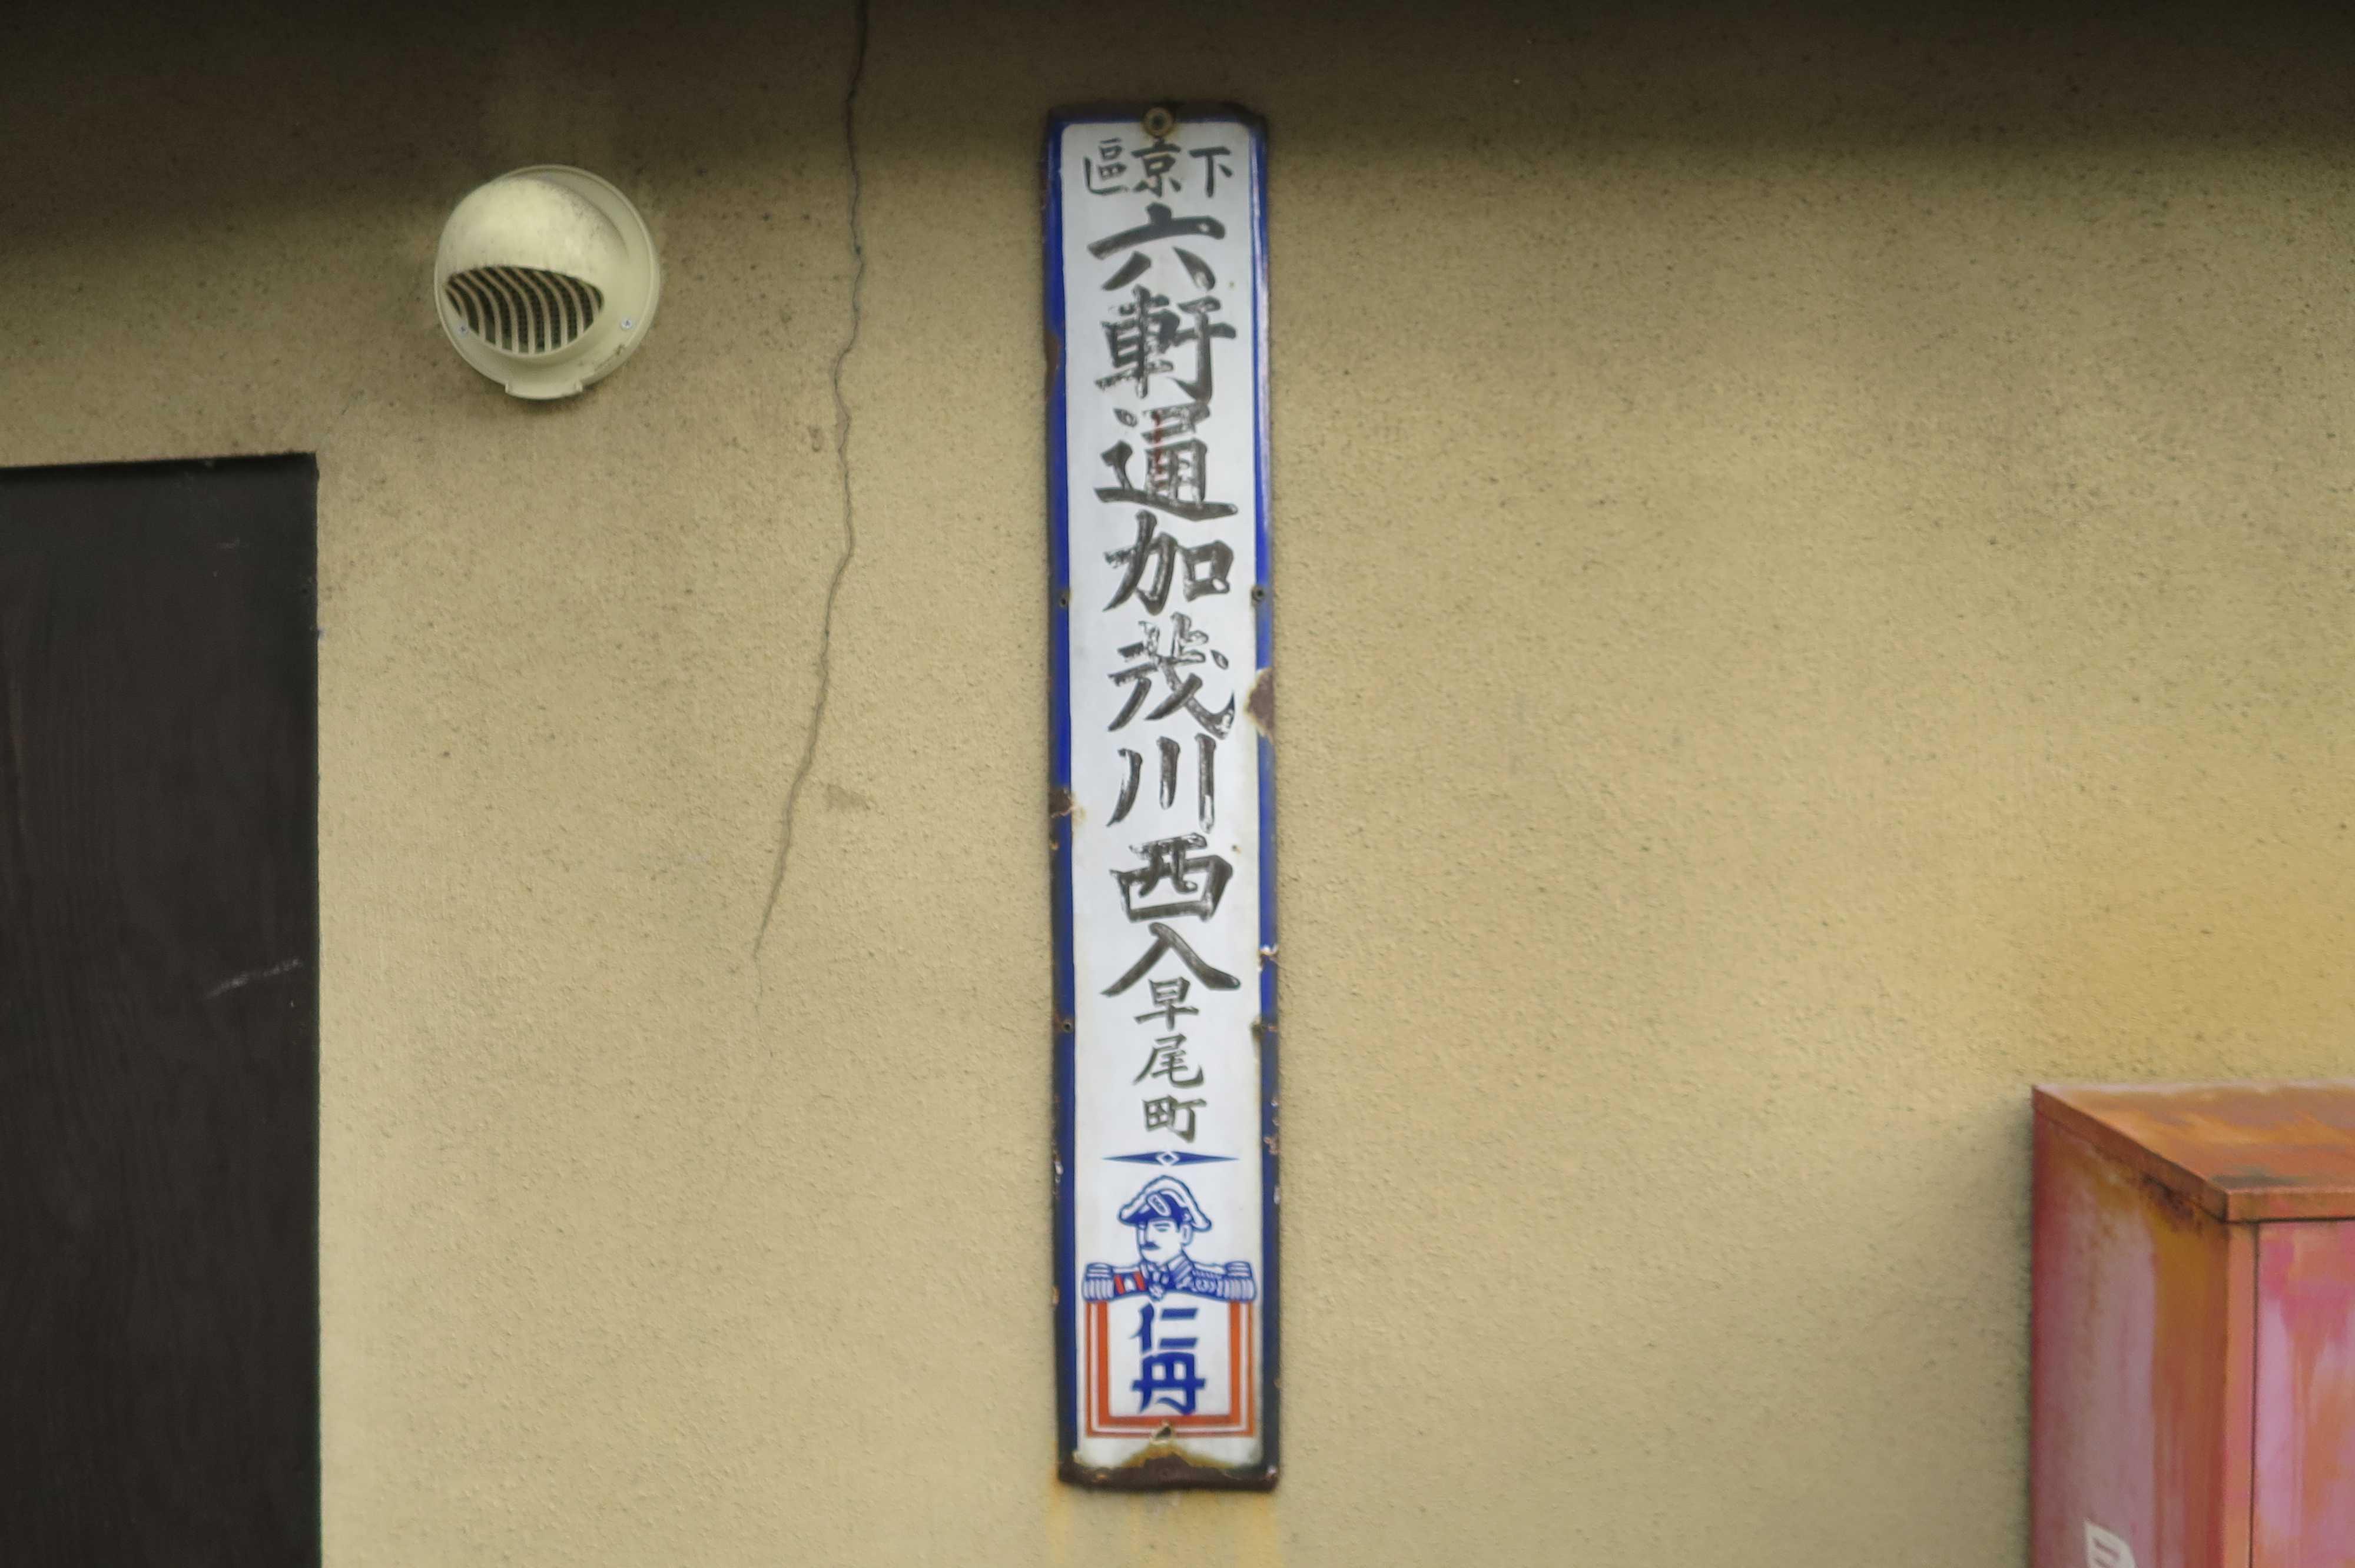 下京区六軒通加茂川西入 早尾町の仁丹「大礼服マーク」